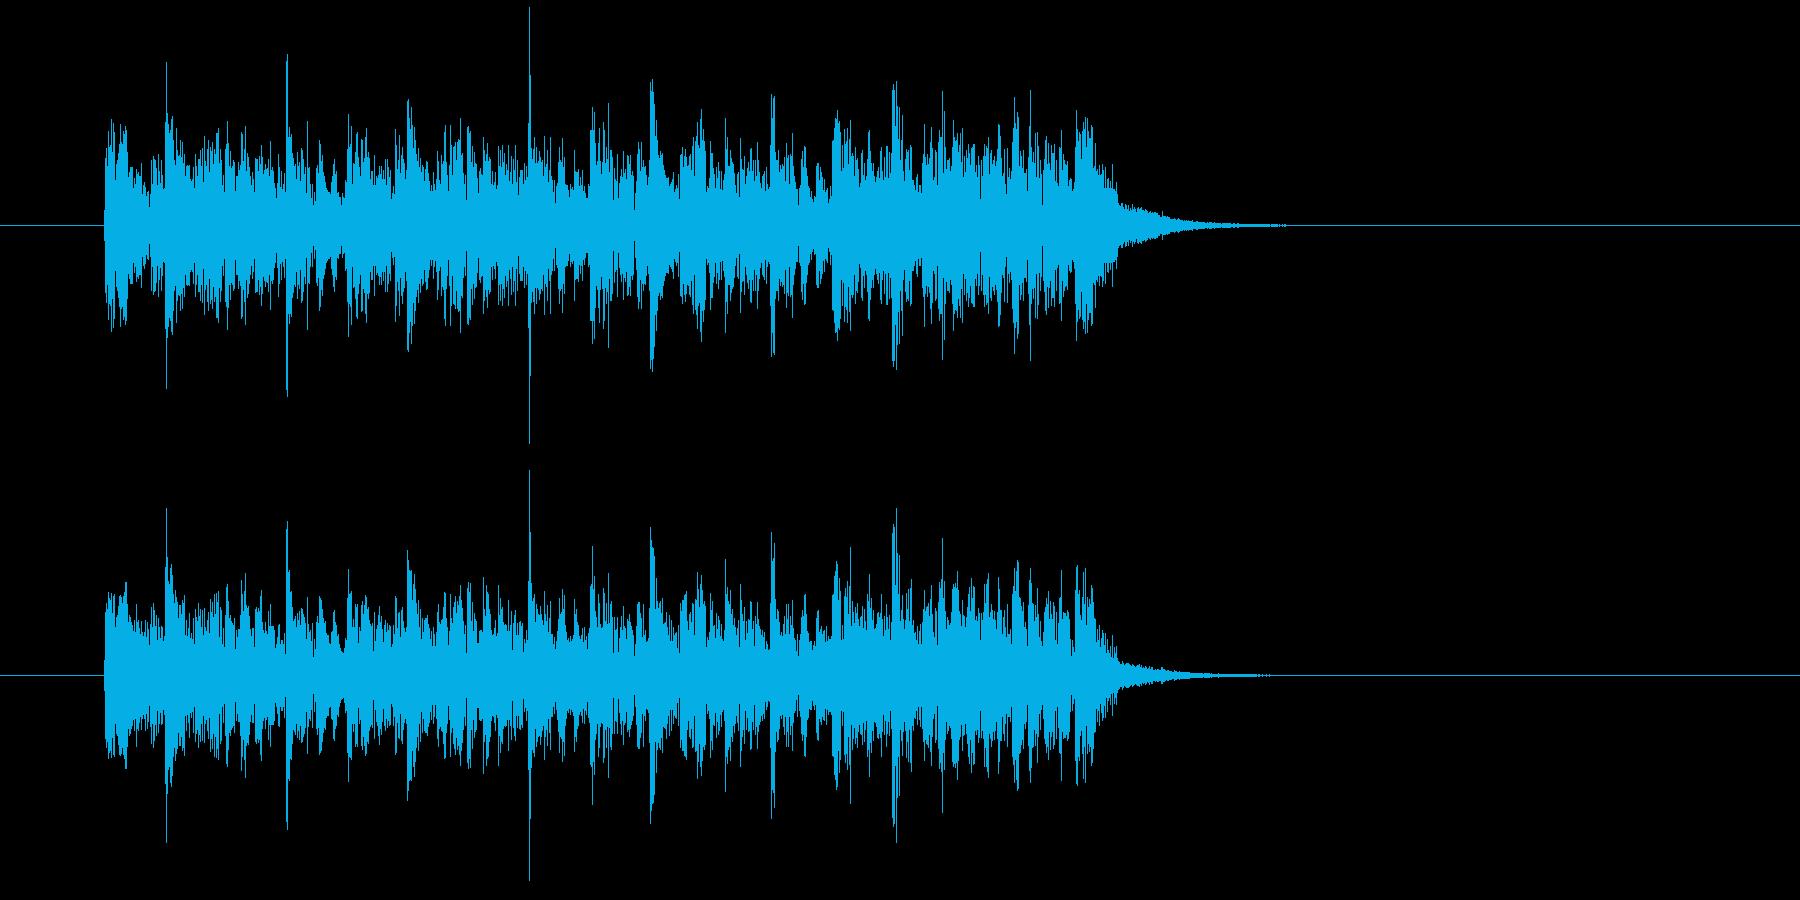 ジングル(ハード・テクノ風)の再生済みの波形